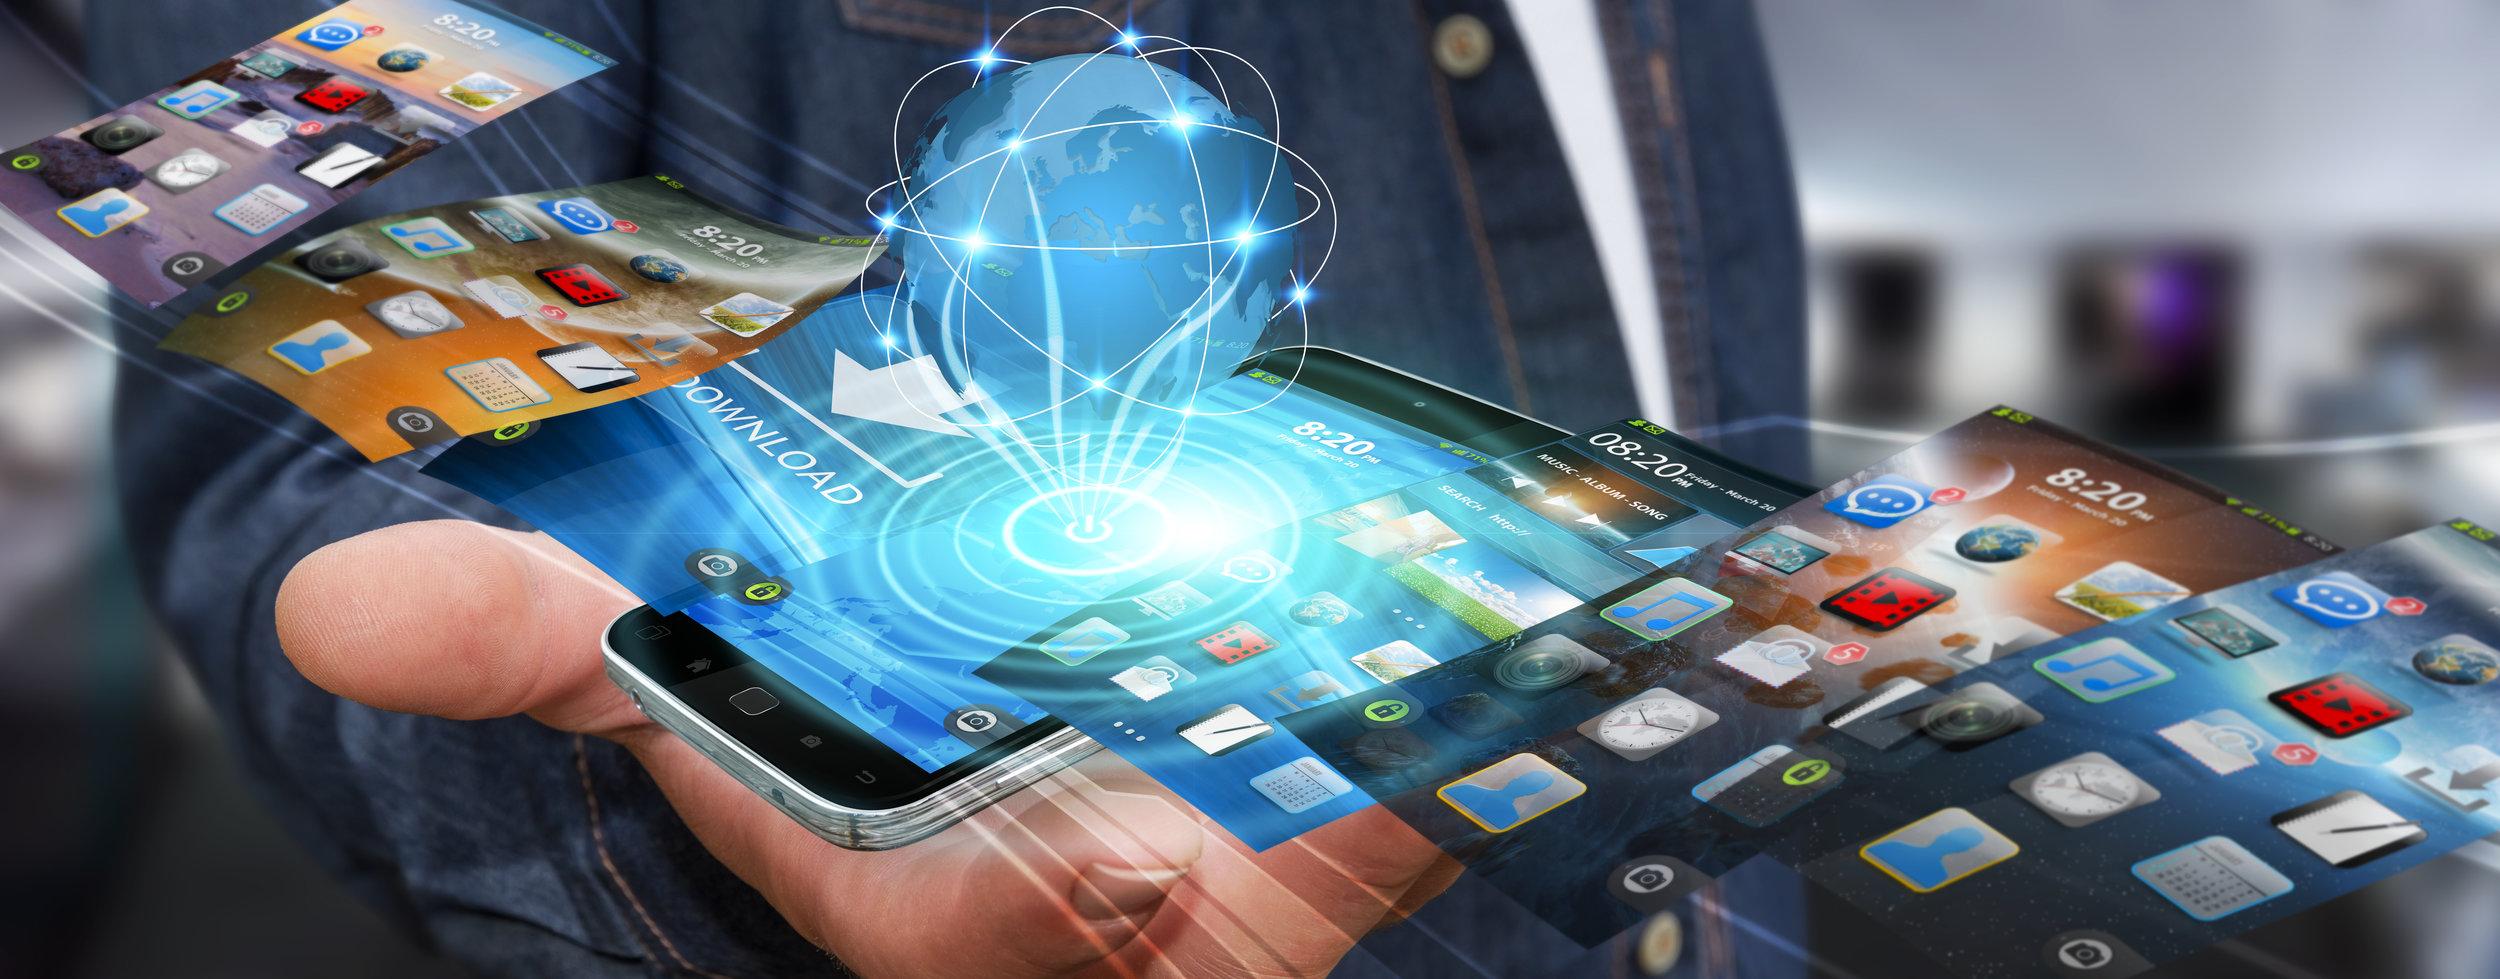 CUSTOM APP BUILD - Mobile Apps For Less!